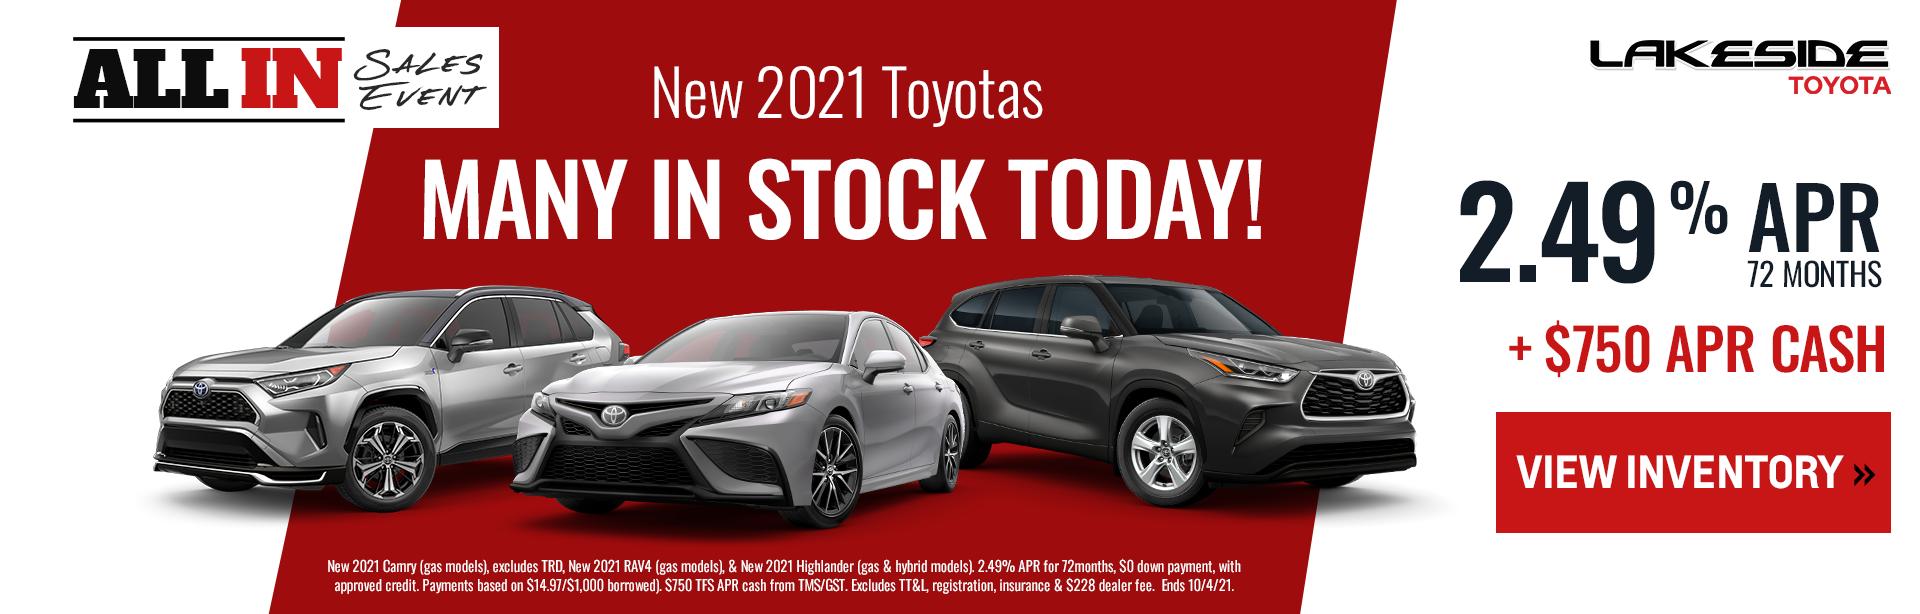 New 2021 Toyotas -- 2.49% APR for 72 months PLUS $750 APR Cash